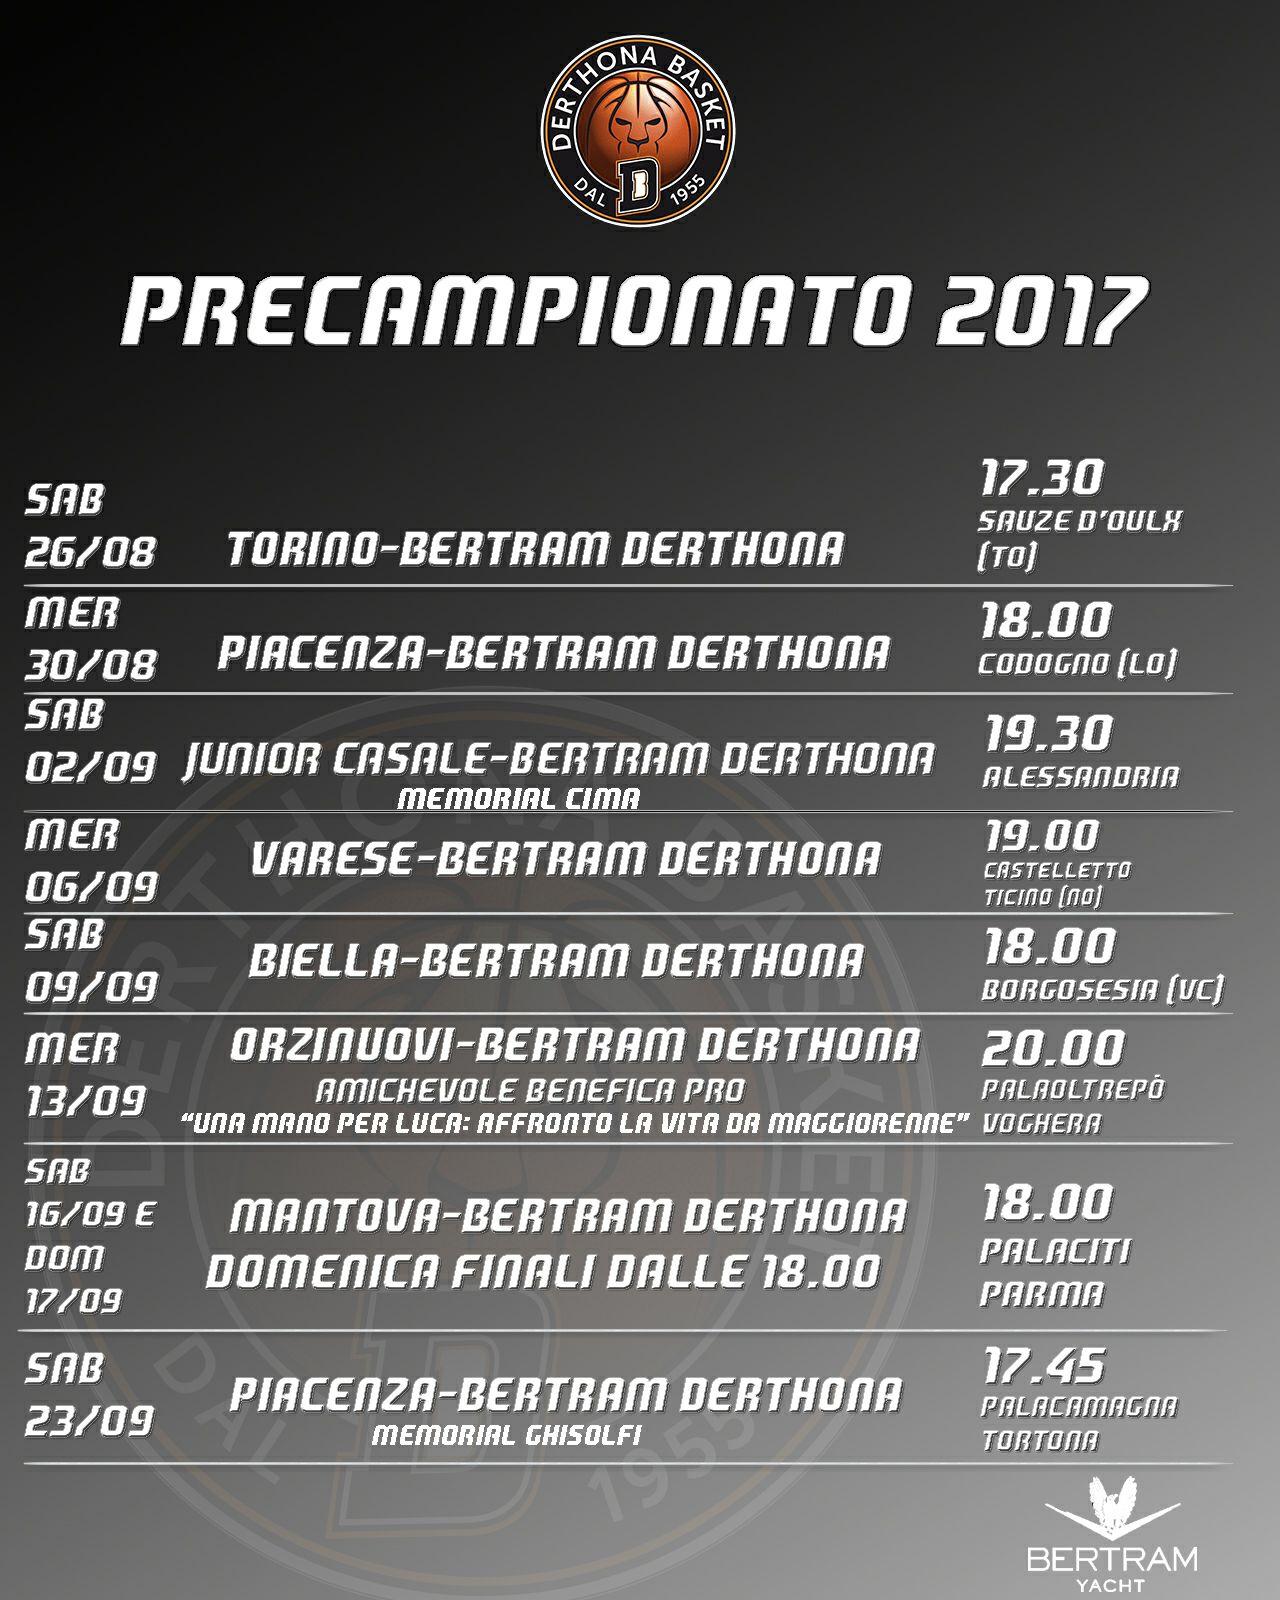 PreCampionato 2017